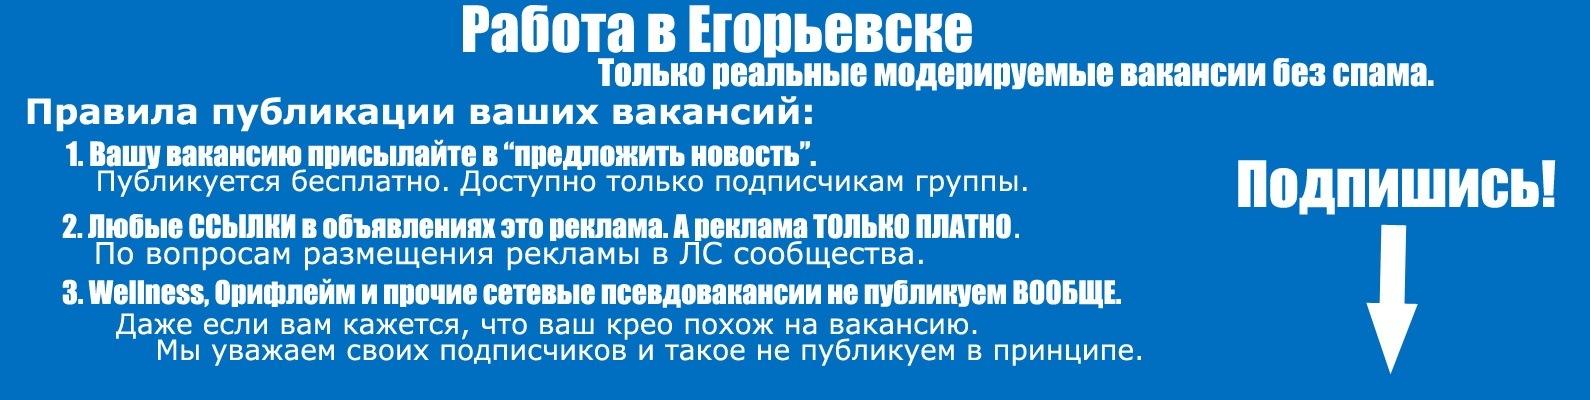 Где и как получить медицинскую книжку в Егорьевске